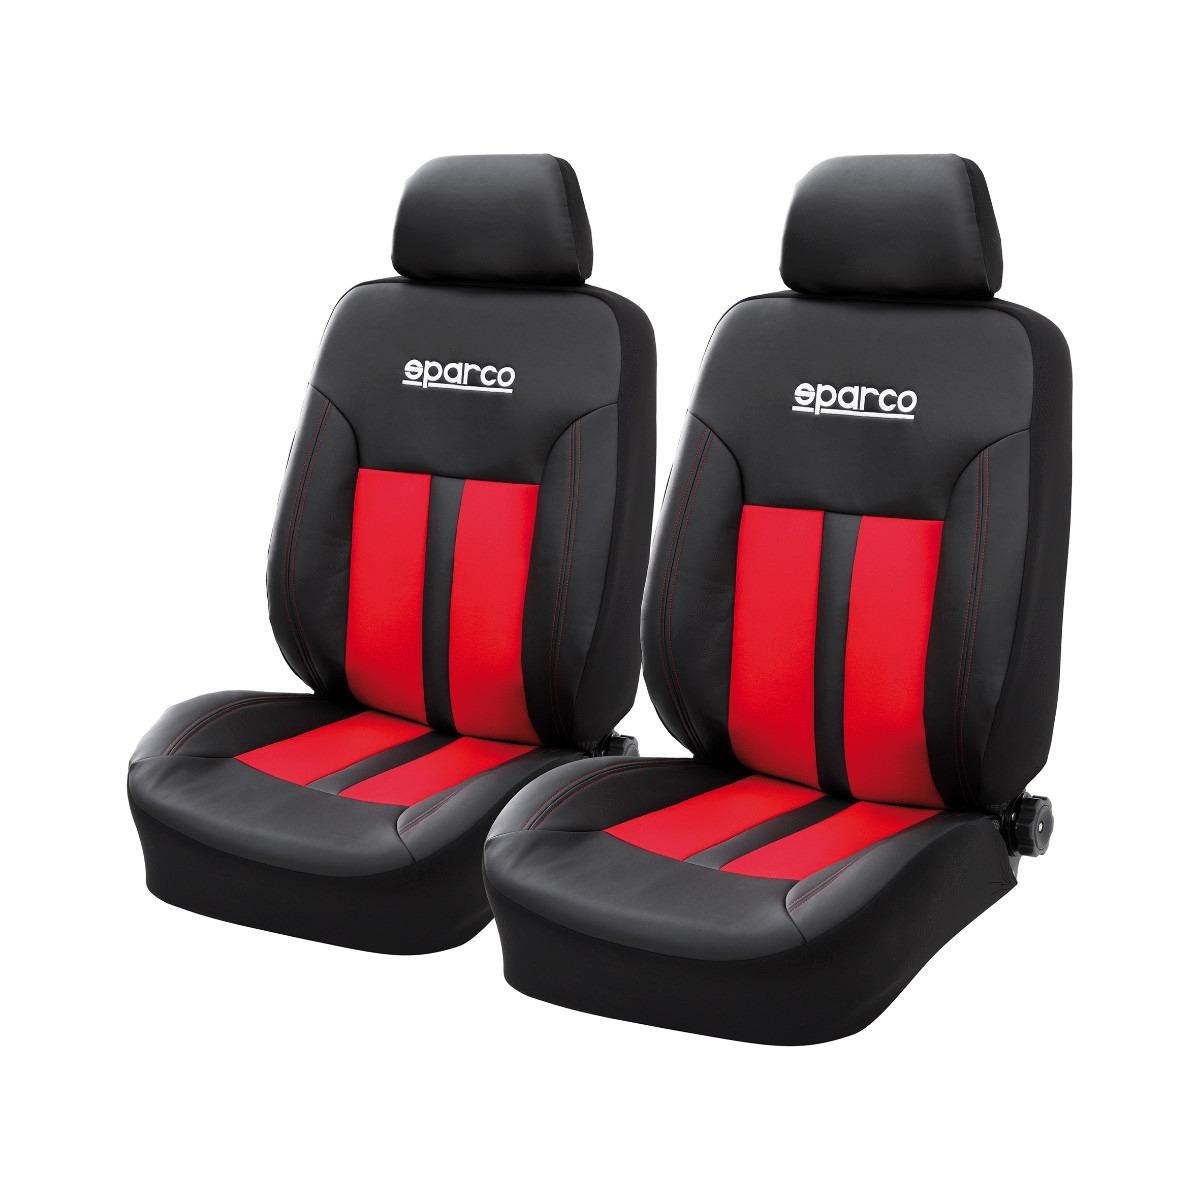 Cubre asiento funda para auto sparco original nuevo modelo for Asiento para bebe auto